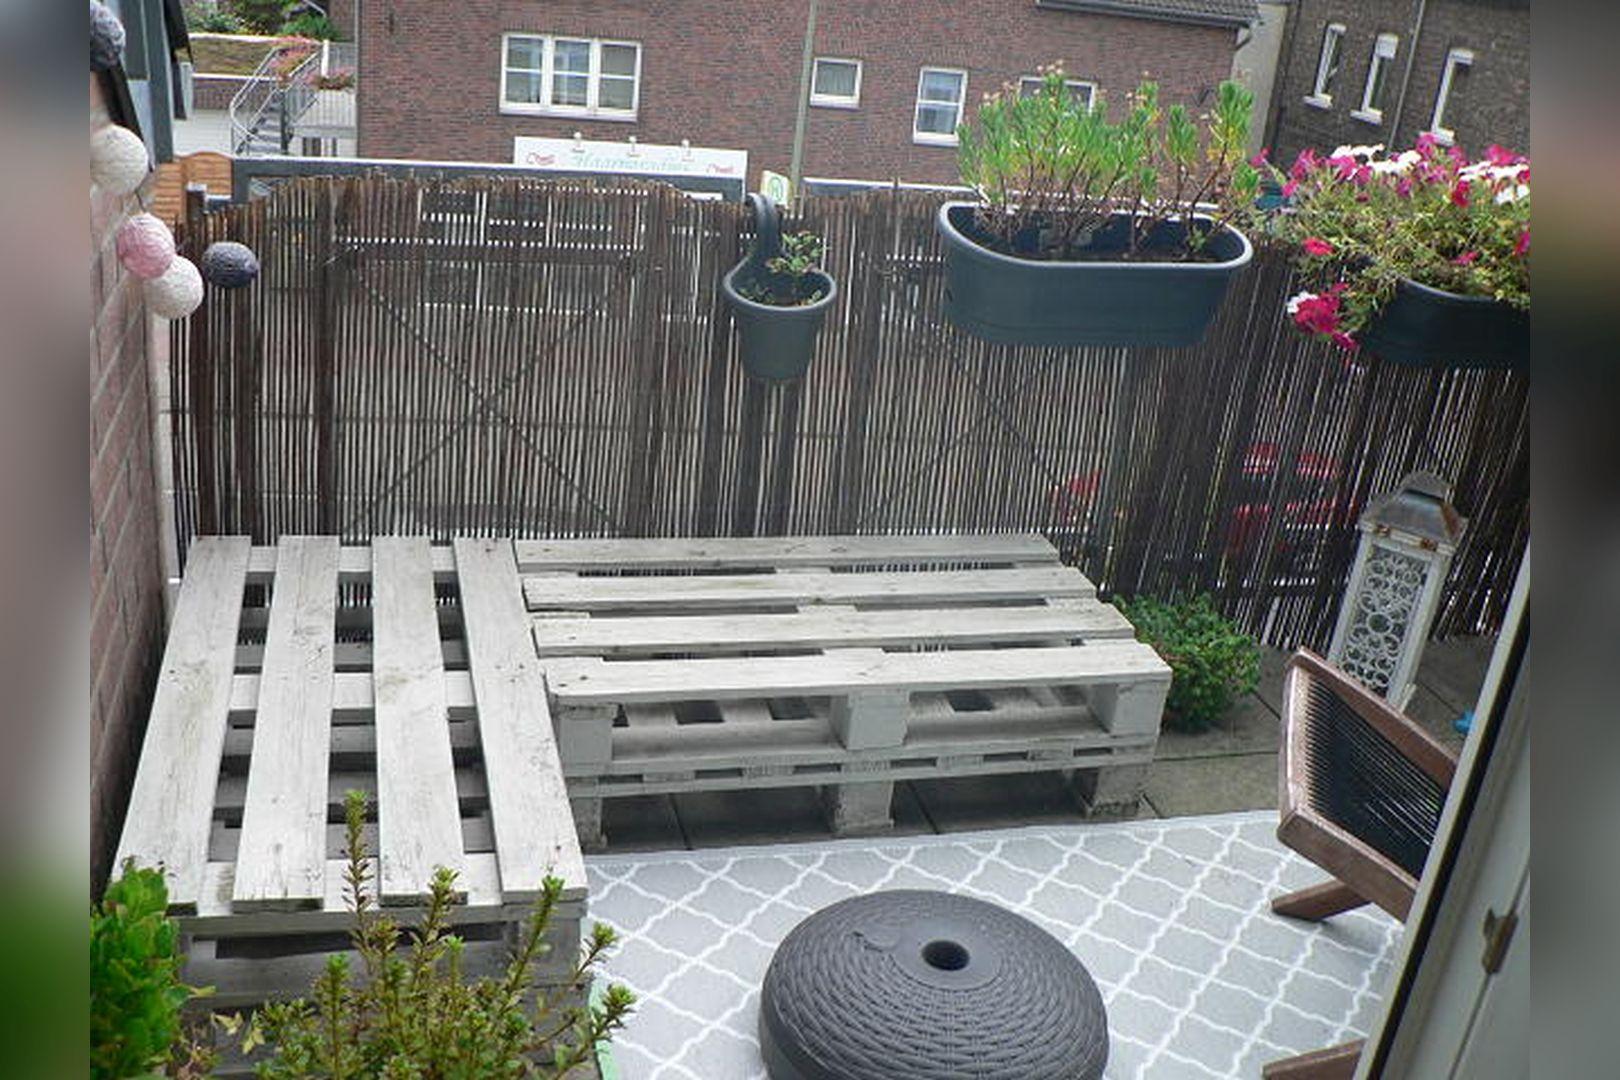 Immobilie Nr.0299 - 3-Zimmer-Wohnung über 2 Ebenen mit Balkon - Bild 4.jpg